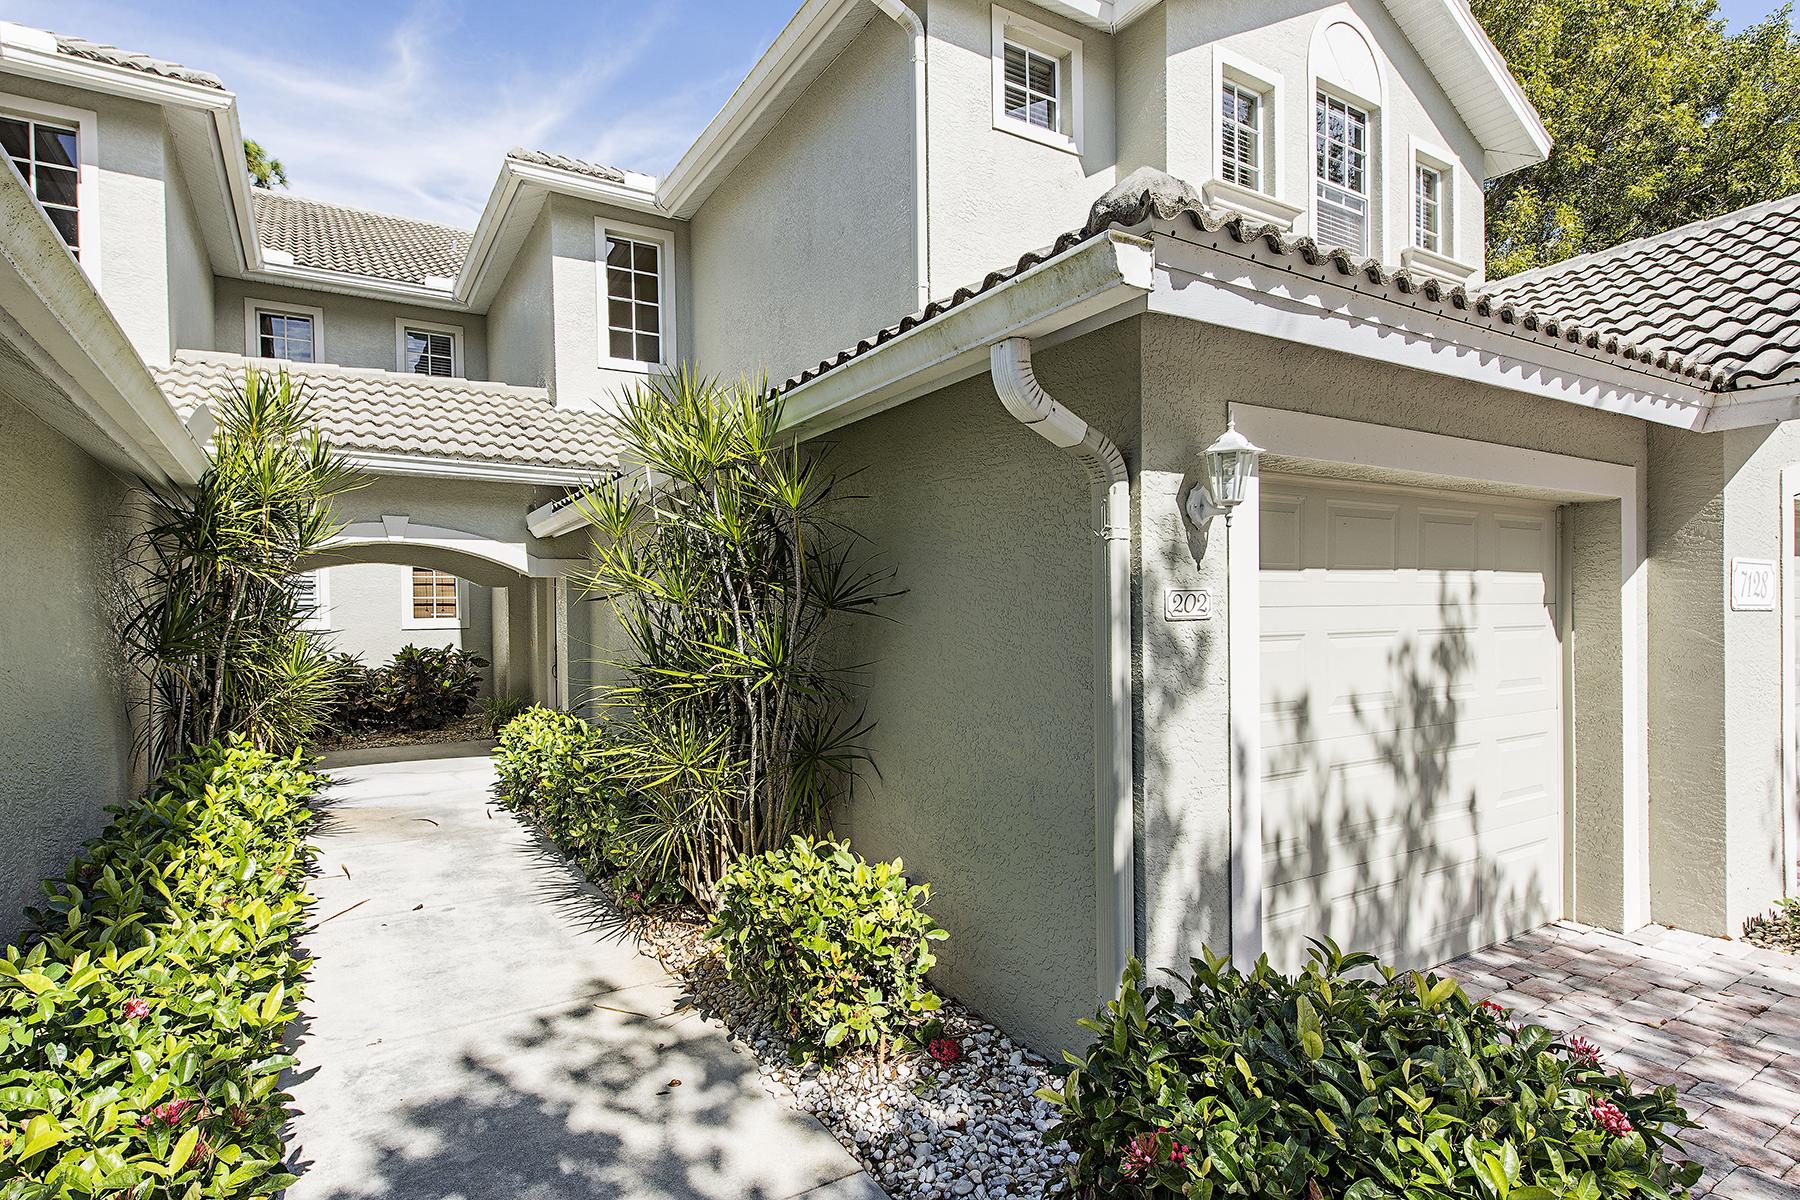 Кондоминиум для того Продажа на AUTUMN WOODS - CEDAR RIDGE 7128 Timberland Cir 202 Naples, Флорида, 34109 Соединенные Штаты